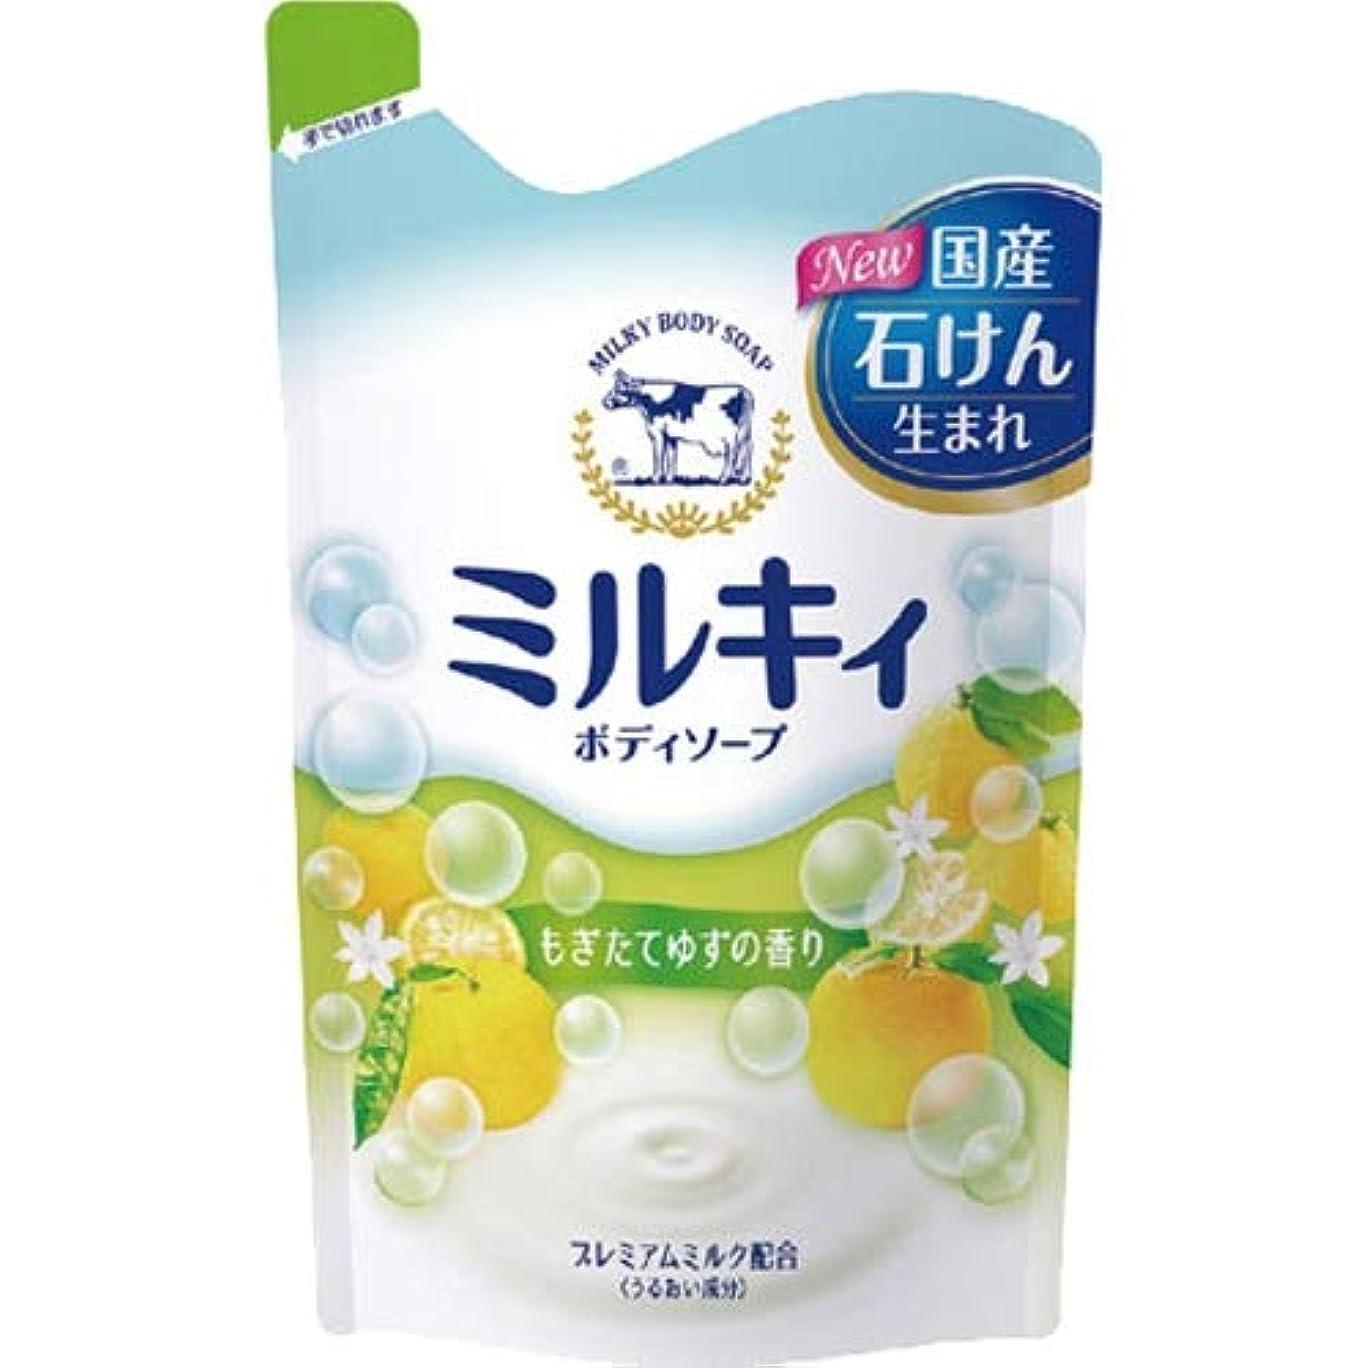 データムクリエイティブレギュラーミルキィ ボディソープ シトラスソープの香り 詰替用400mL